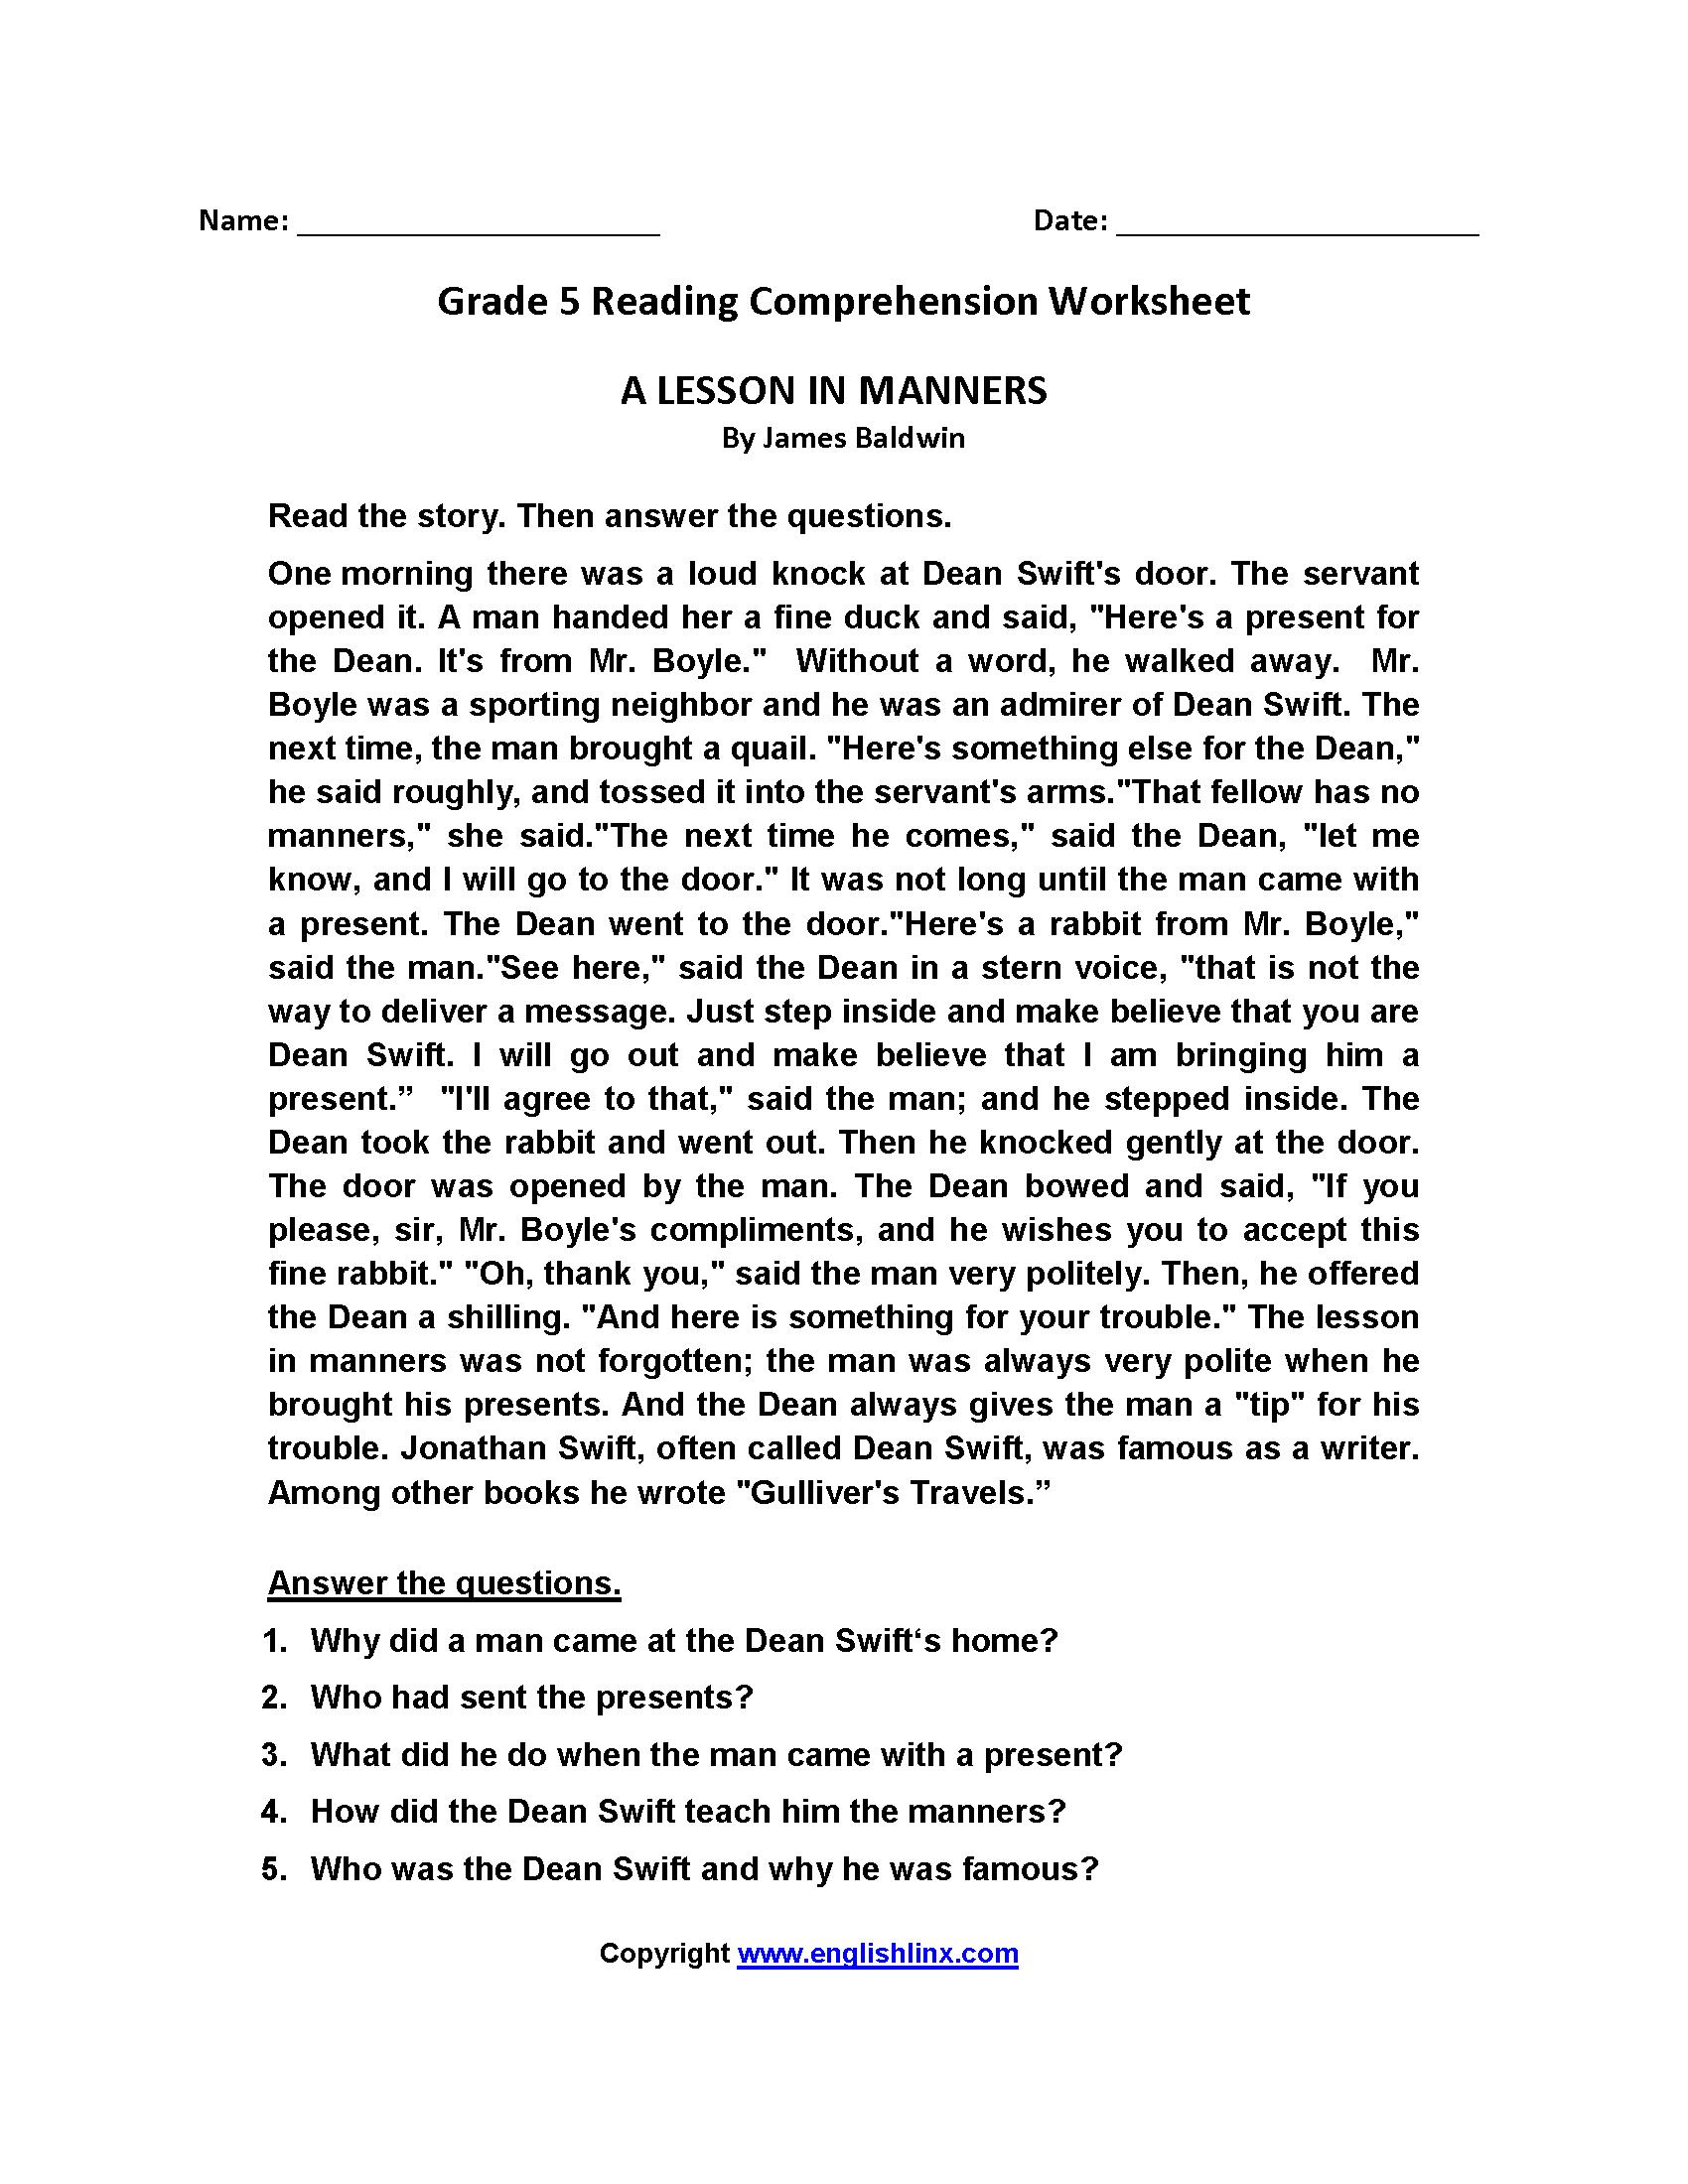 Comprehension Worksheets For Grade 5 Icse